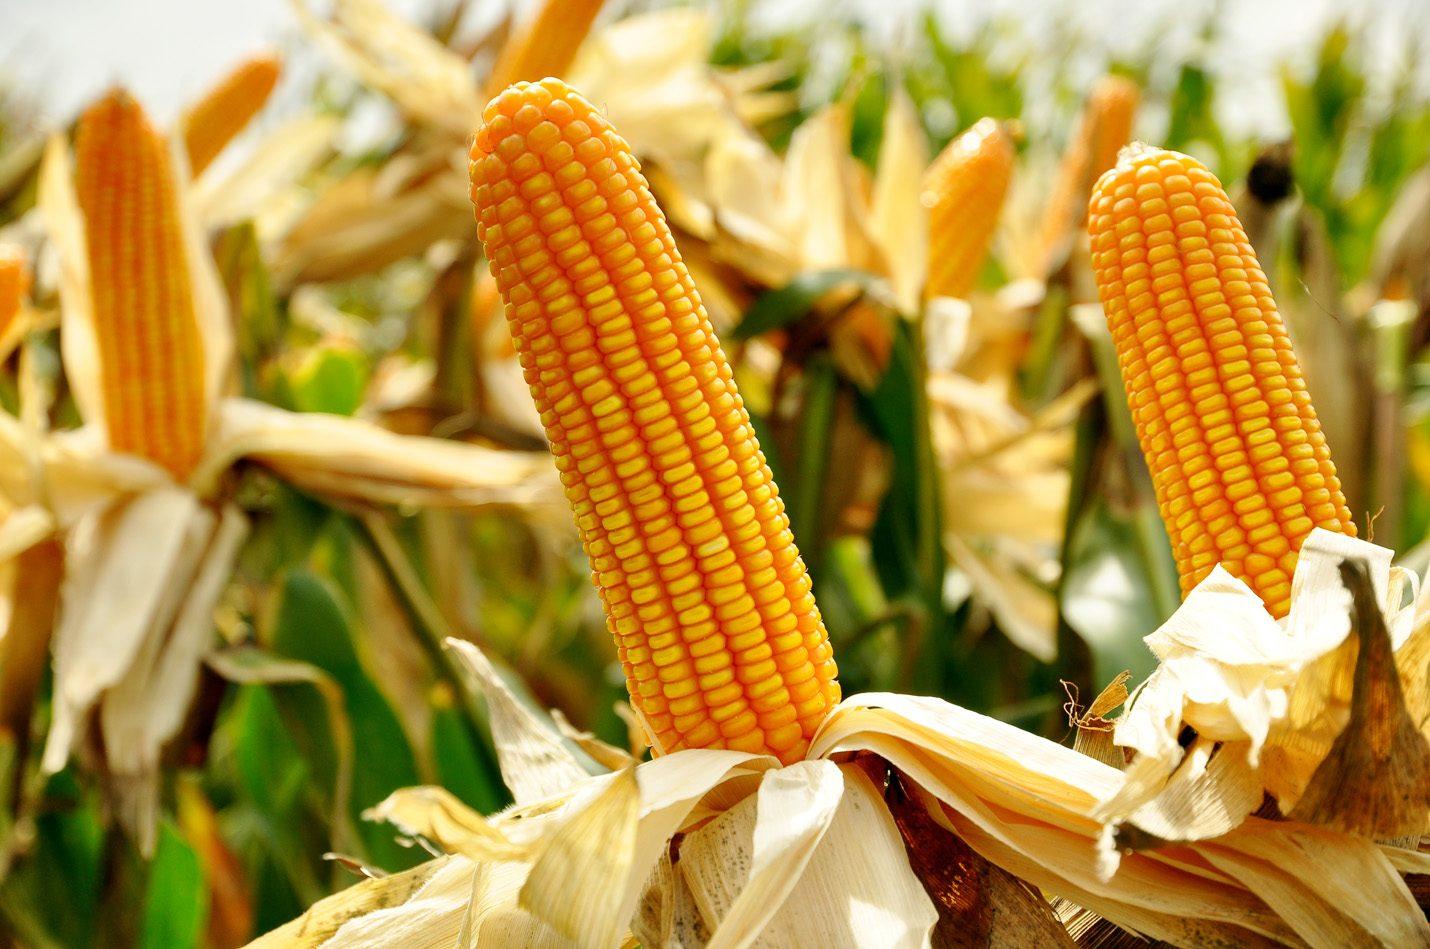 สรุปภาวะสินค้าเกษตรประจำสัปดาห์ วันที่ 10-14 มิถุนายน 2562